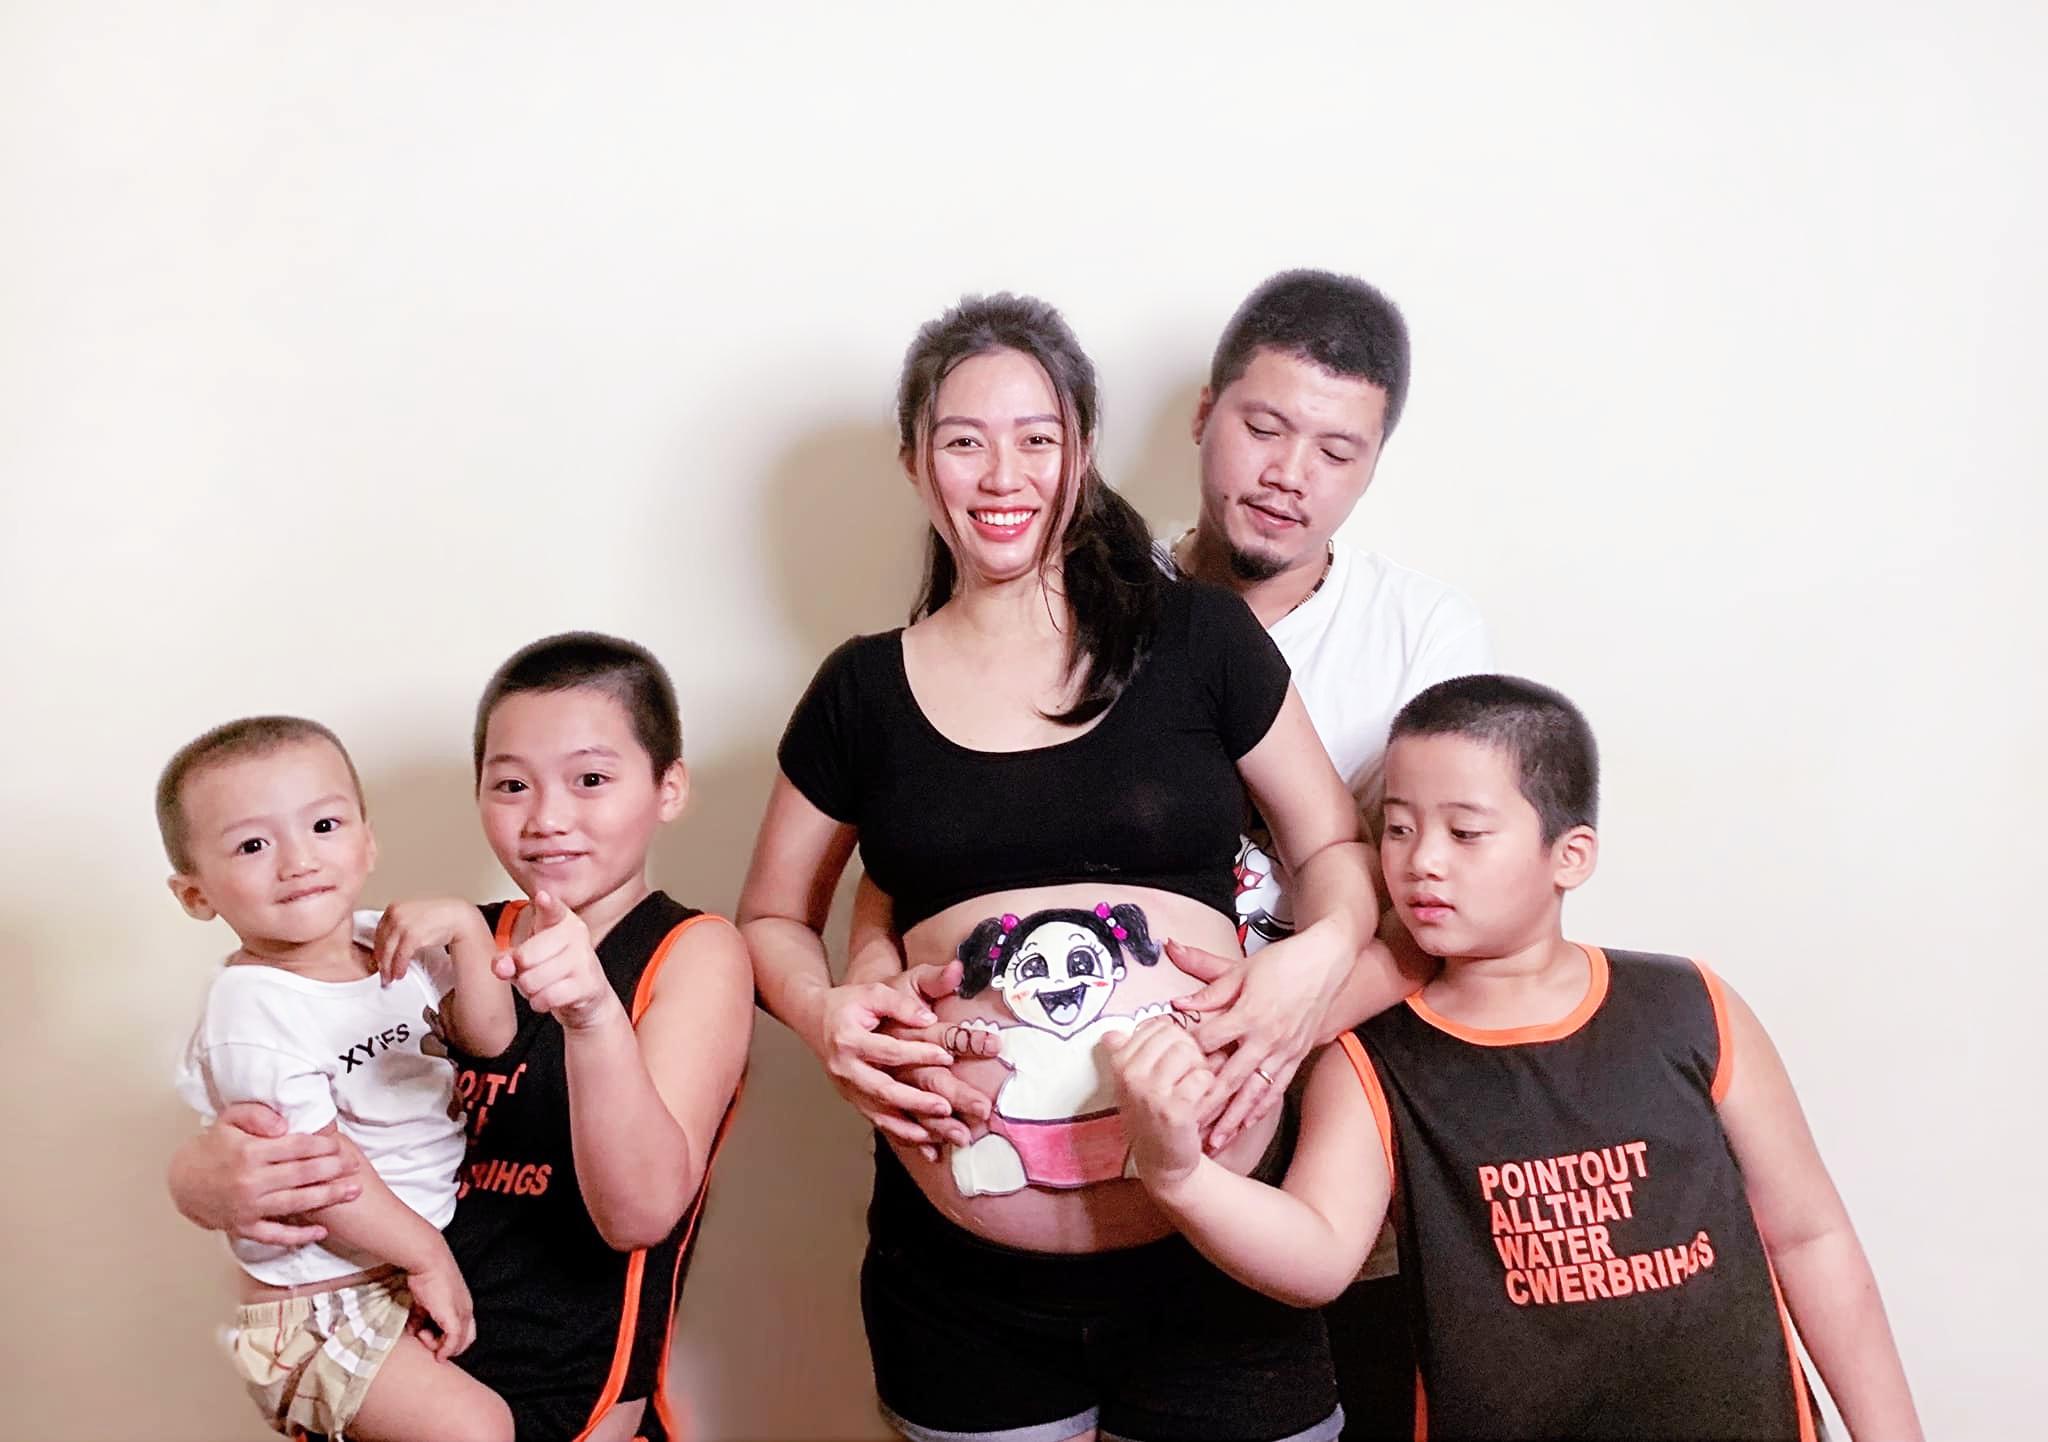 Loạt ảnh vui nhộn của gia đình 3 con trai bất ngờ 'ăn may' có công chúa út!